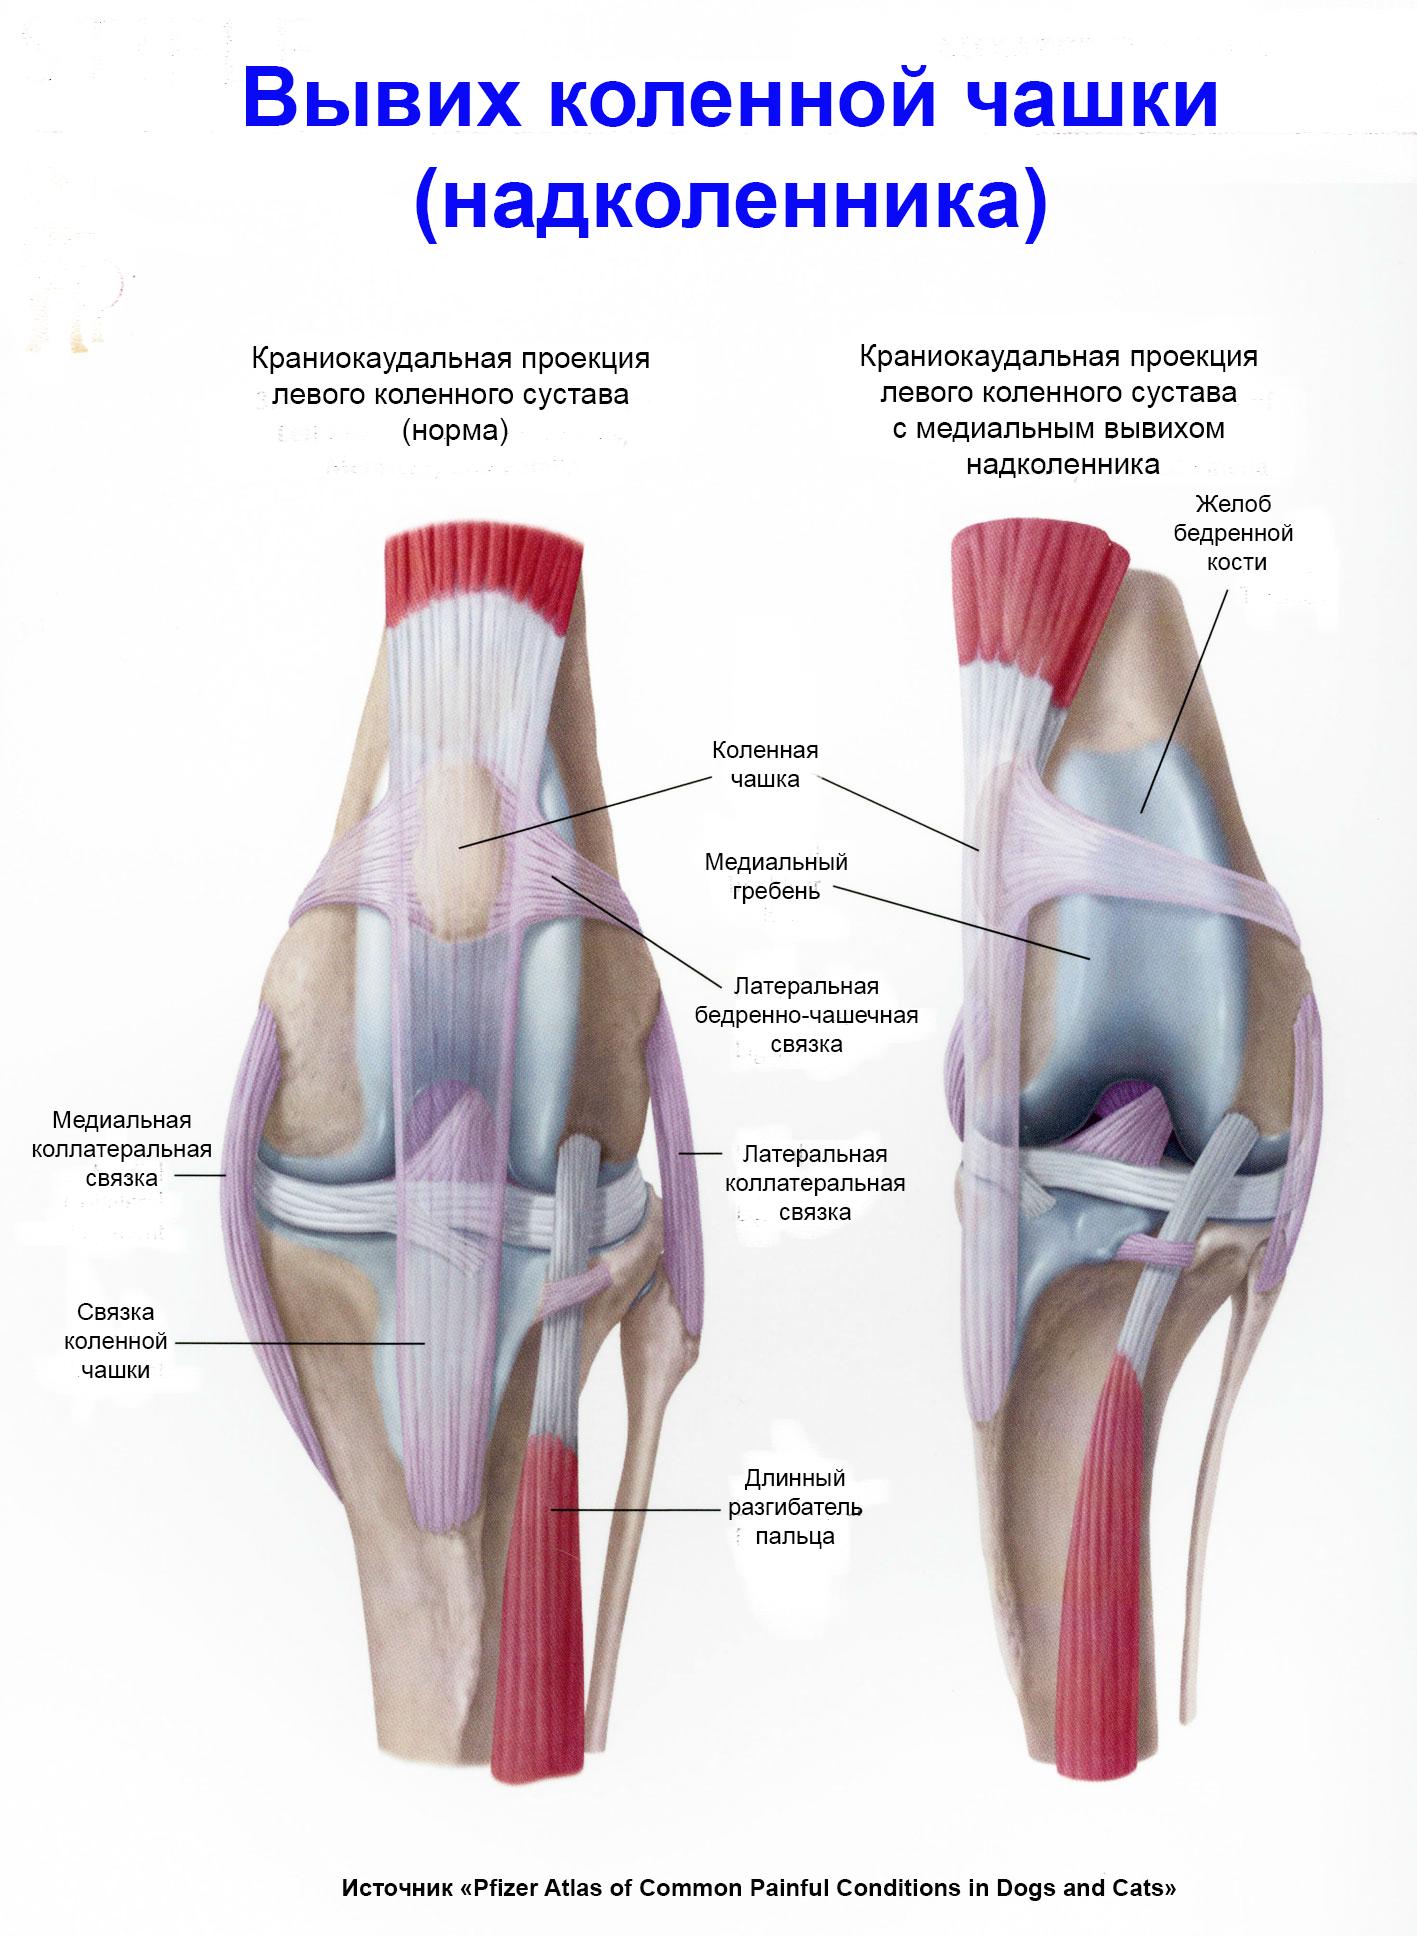 Ветеринарная клиника суставы кости iherb для суставов отзывы